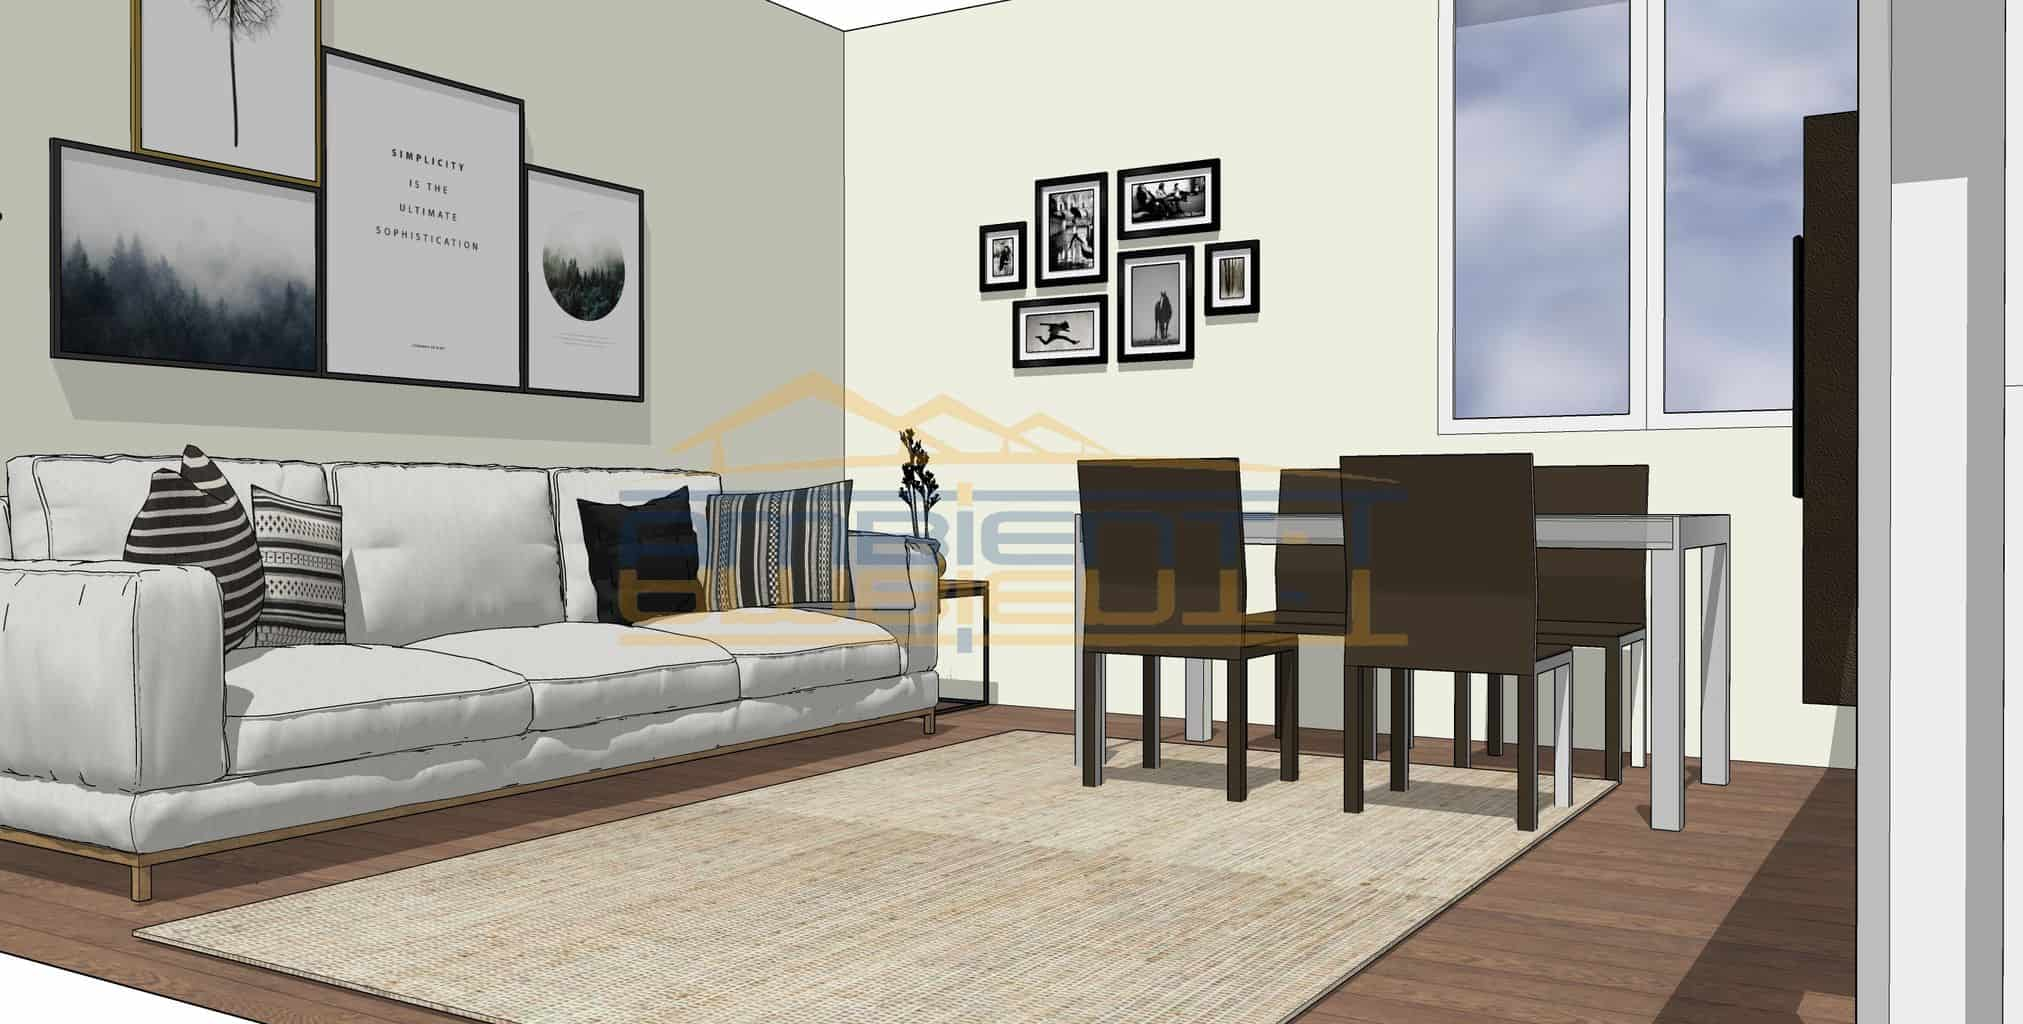 Merate - Appartamento di tre locali con balconi. Box singolo